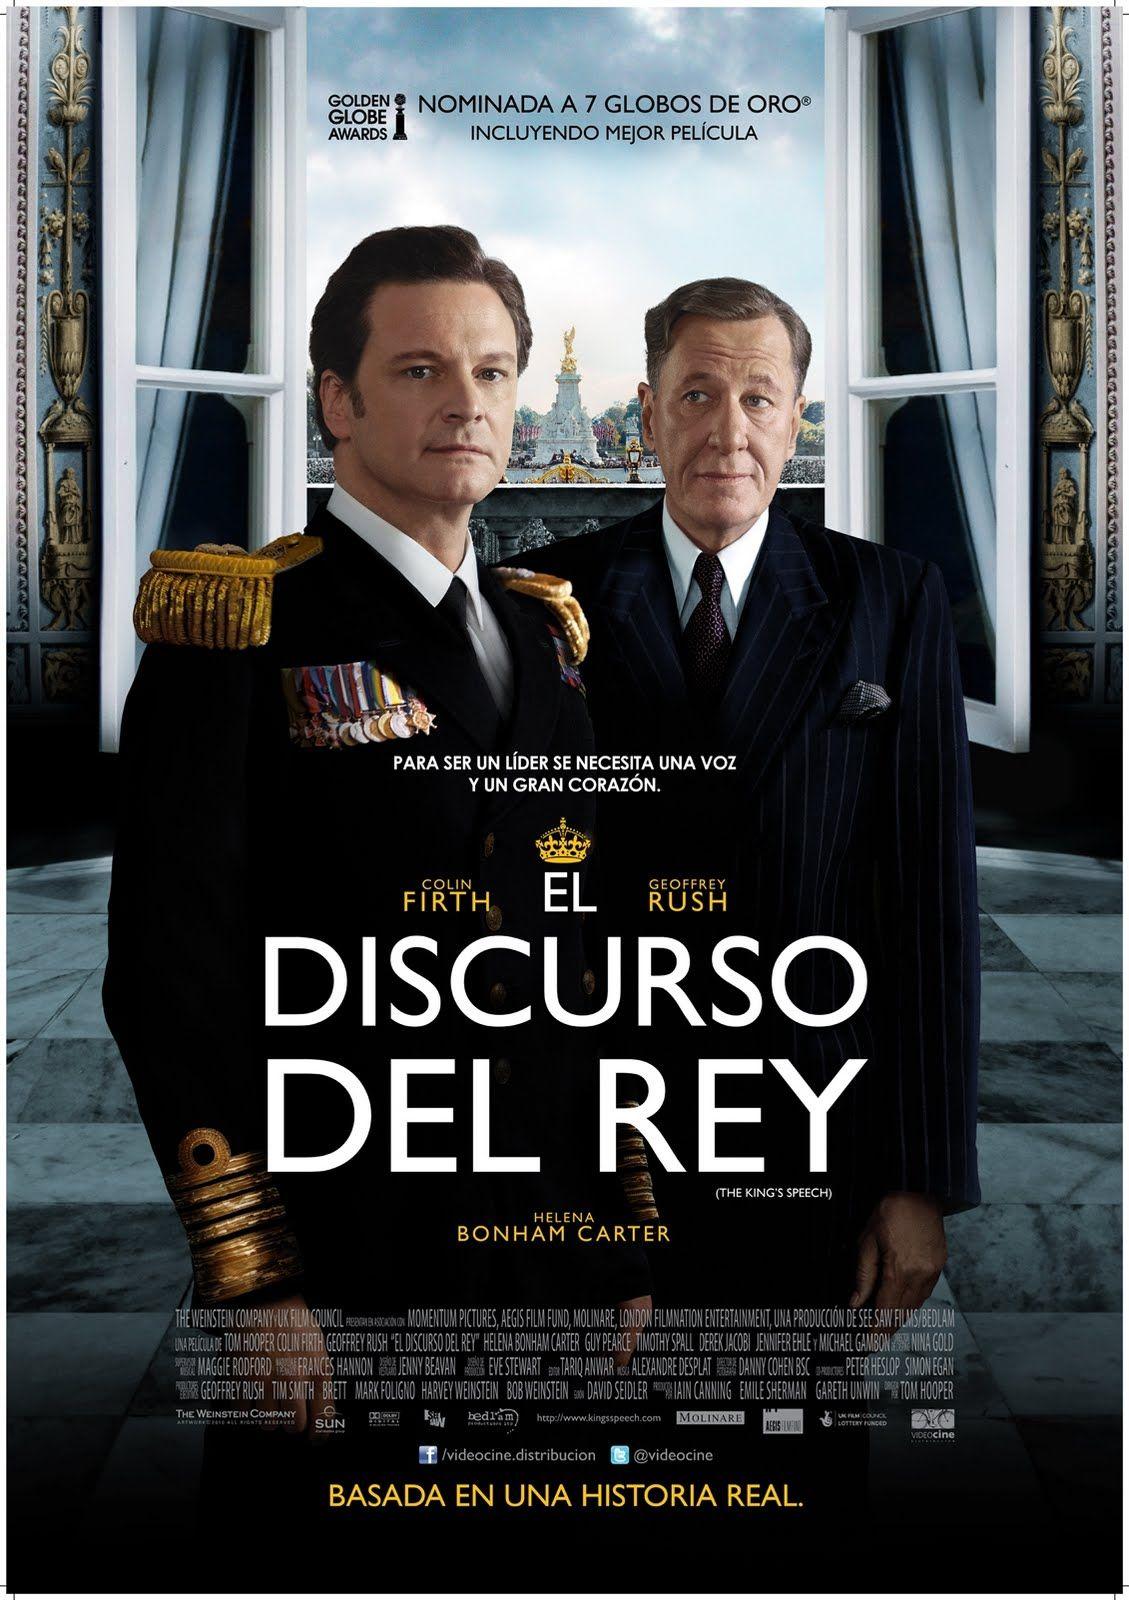 Pin En Cine Coleccion Rtorio Movie Posters